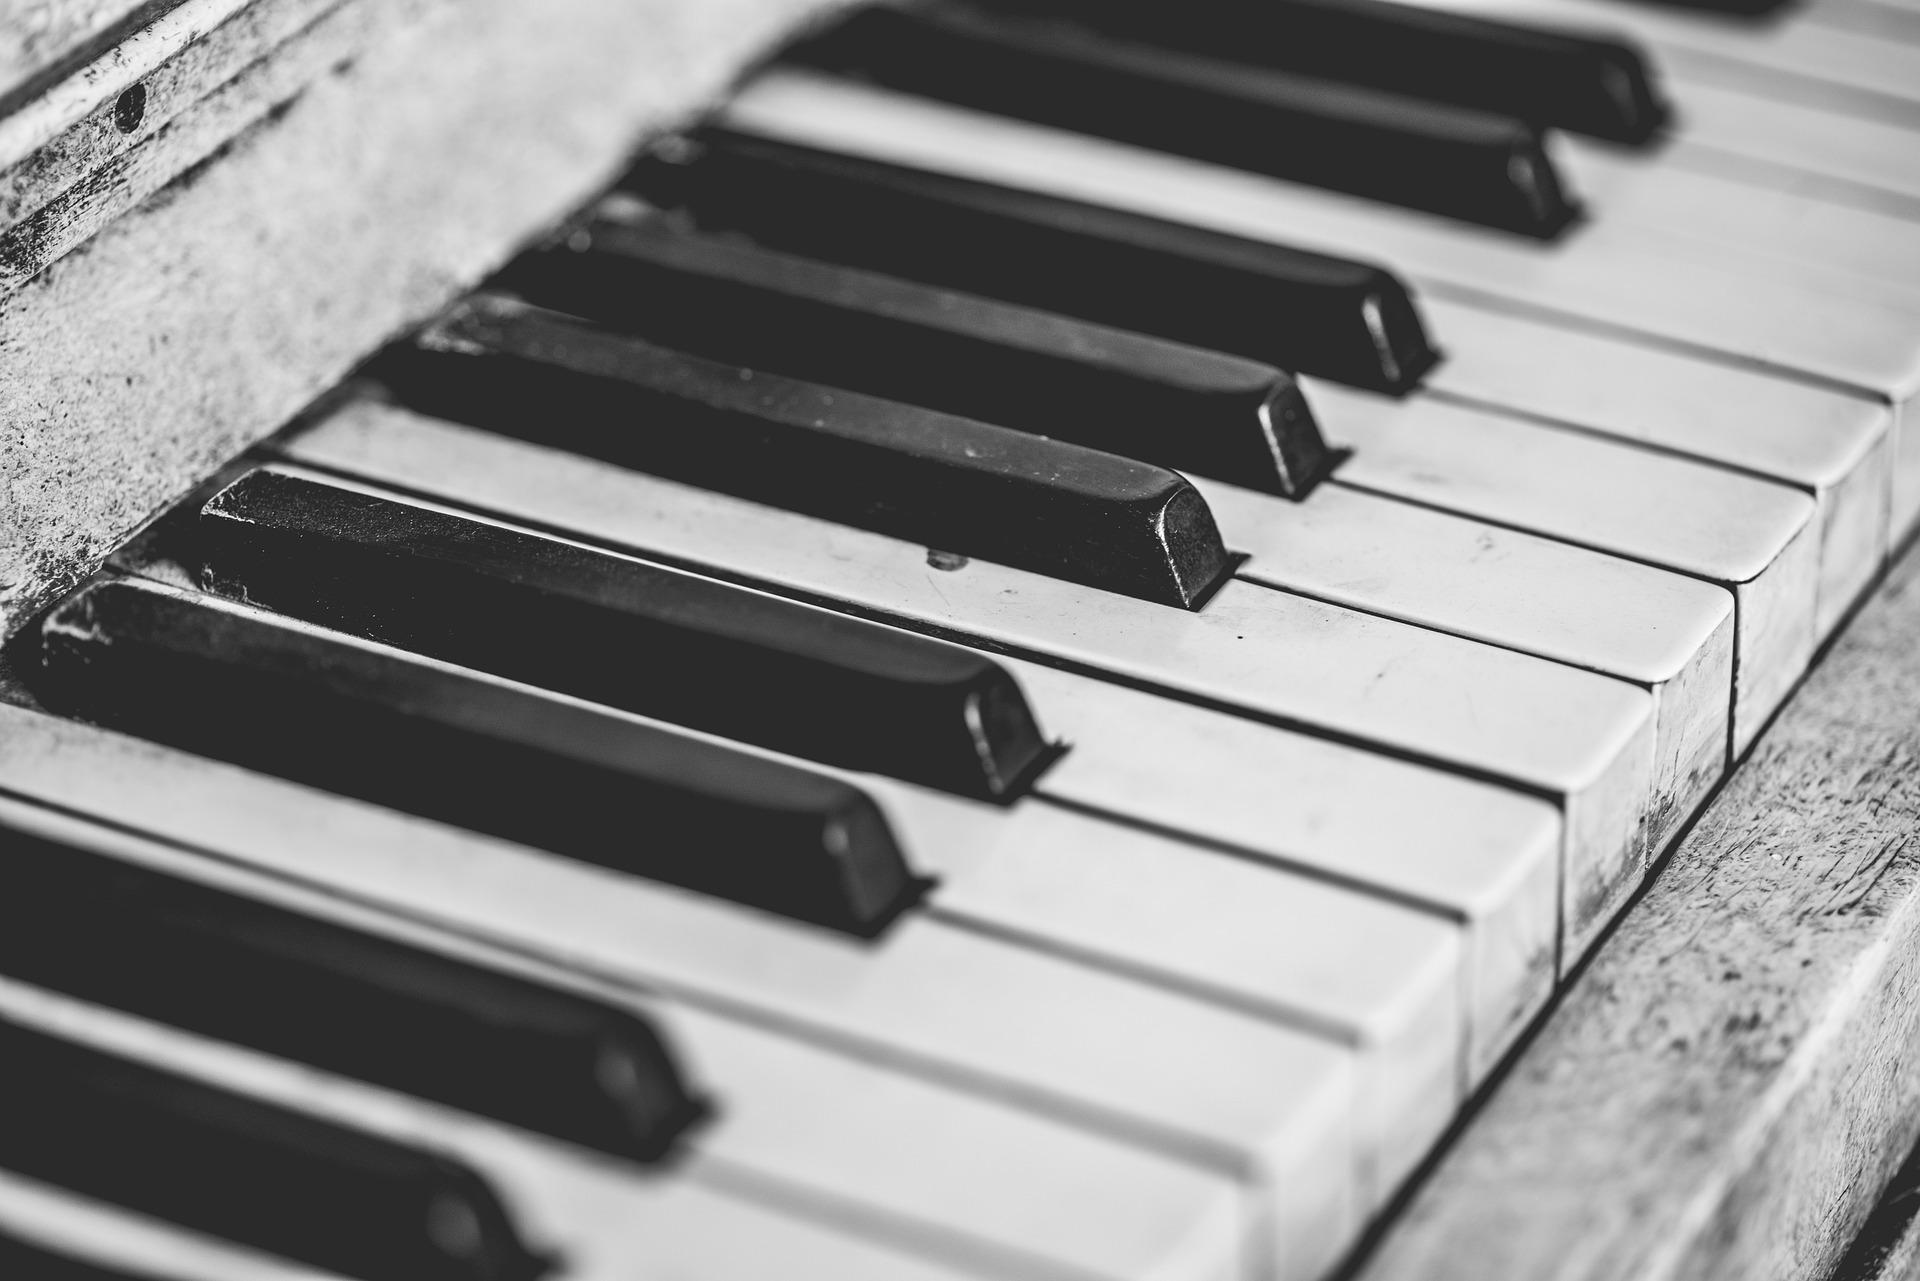 Les instruments de musique les plus populaires